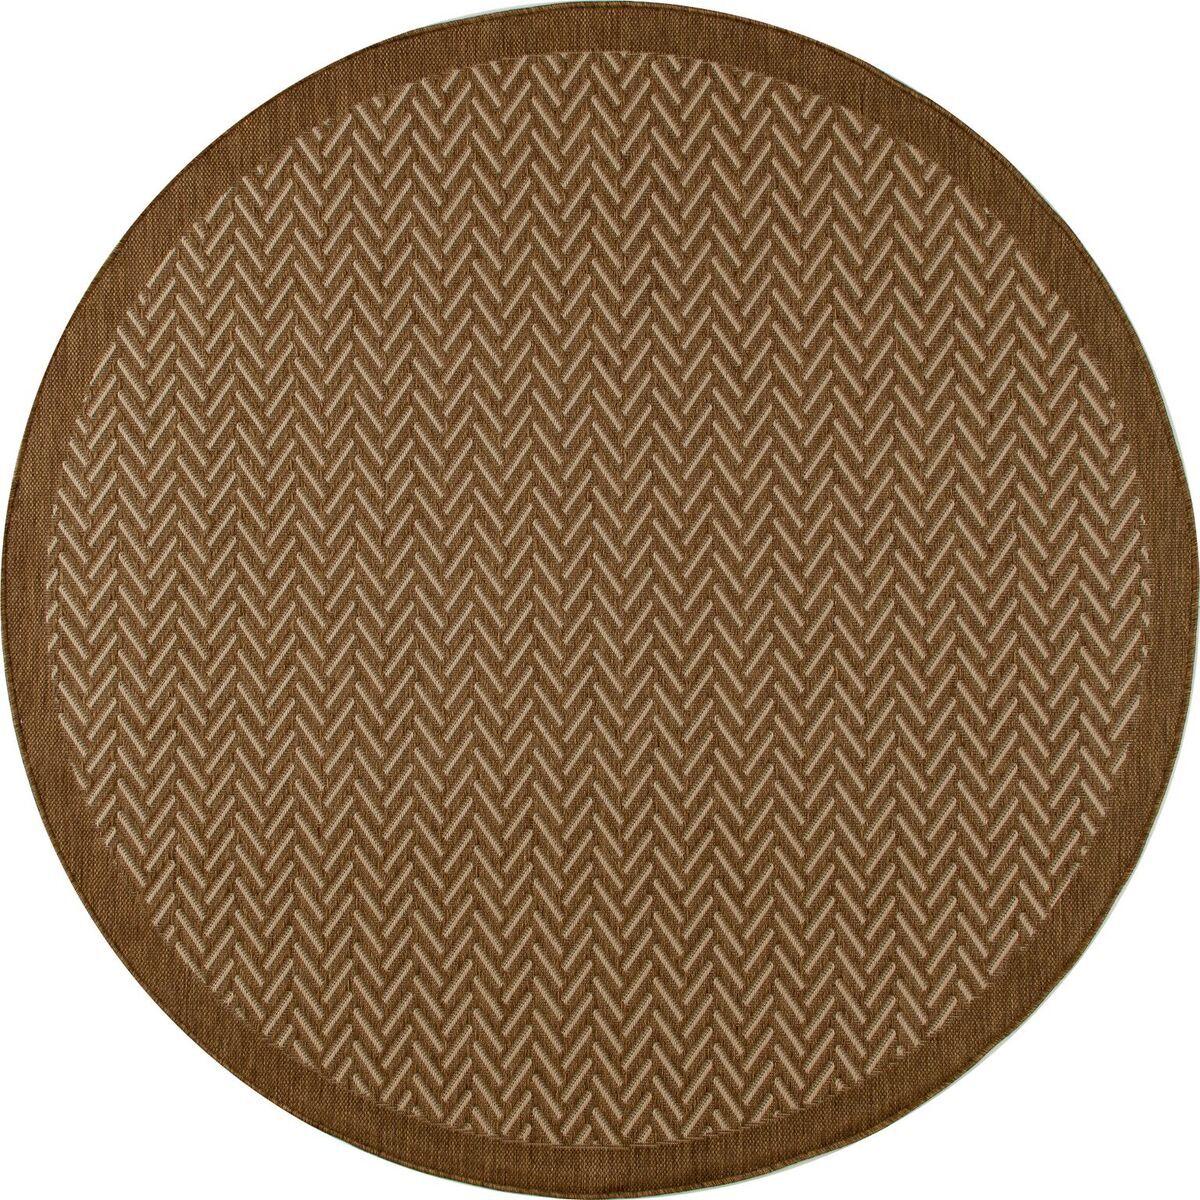 Beaminster Brown Indoor/Outdoor Area Rug Rug Size: ROUND 6'7